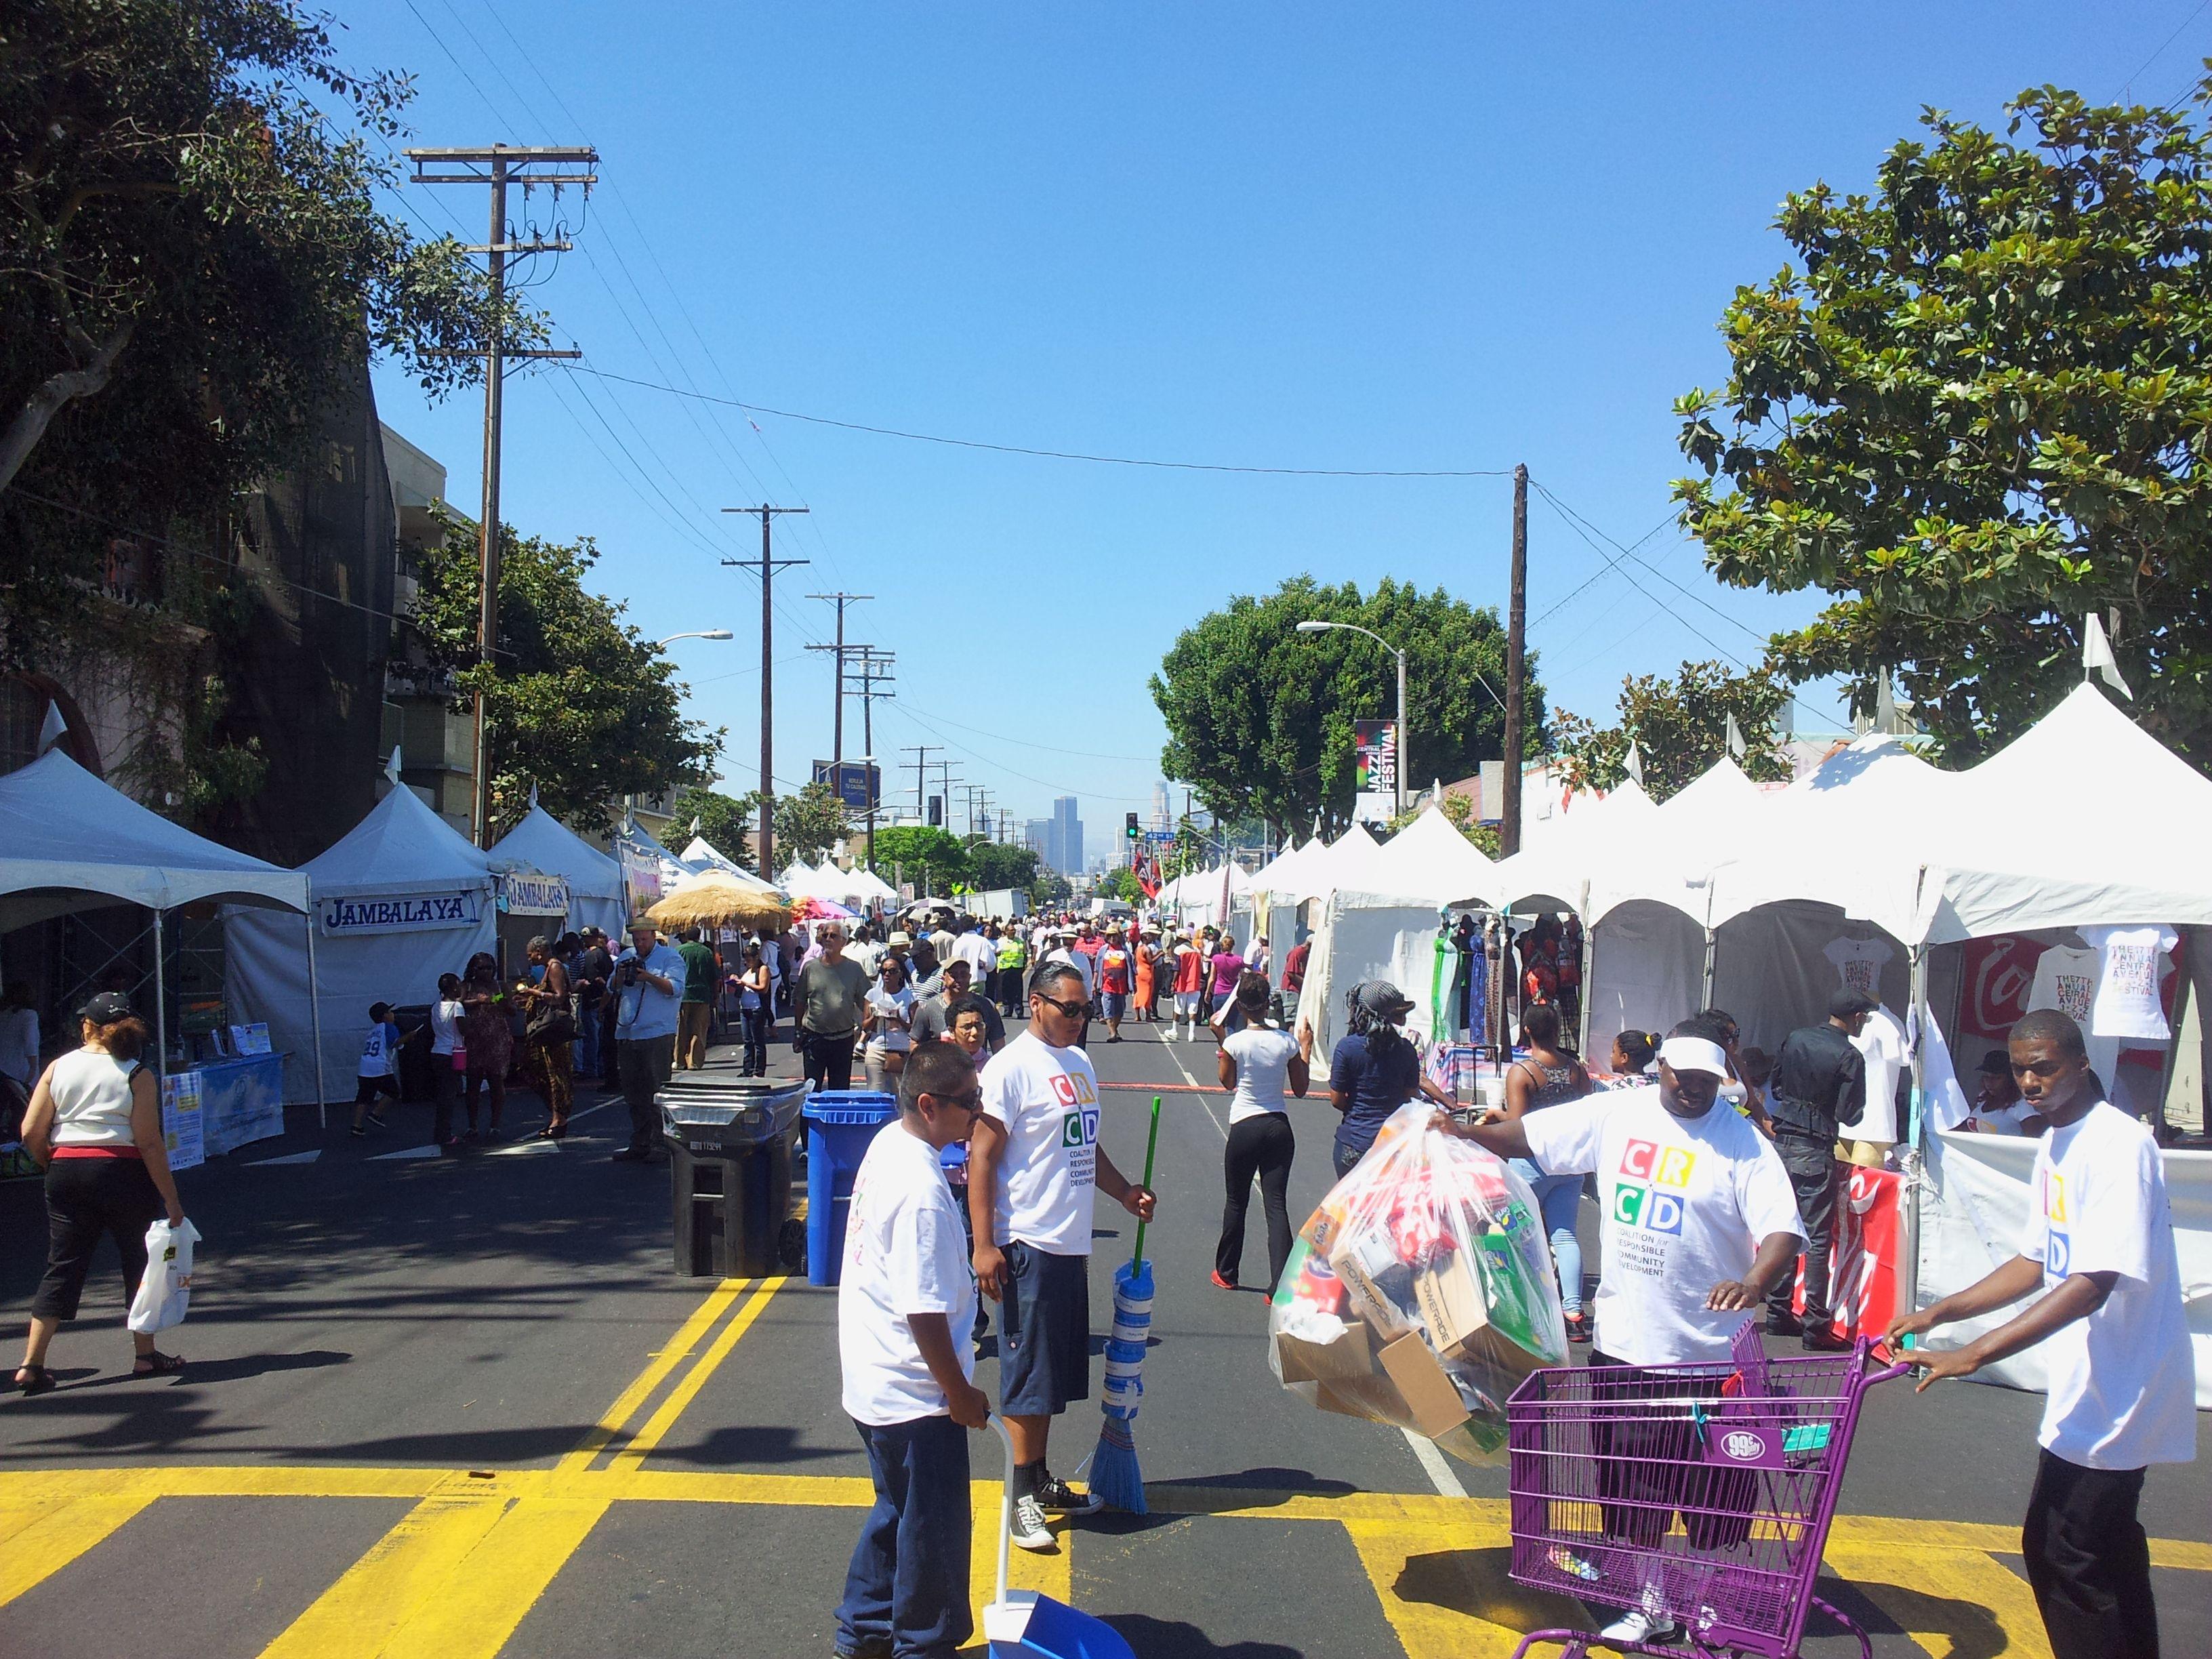 South Central LA Jazz Festival July 2012!